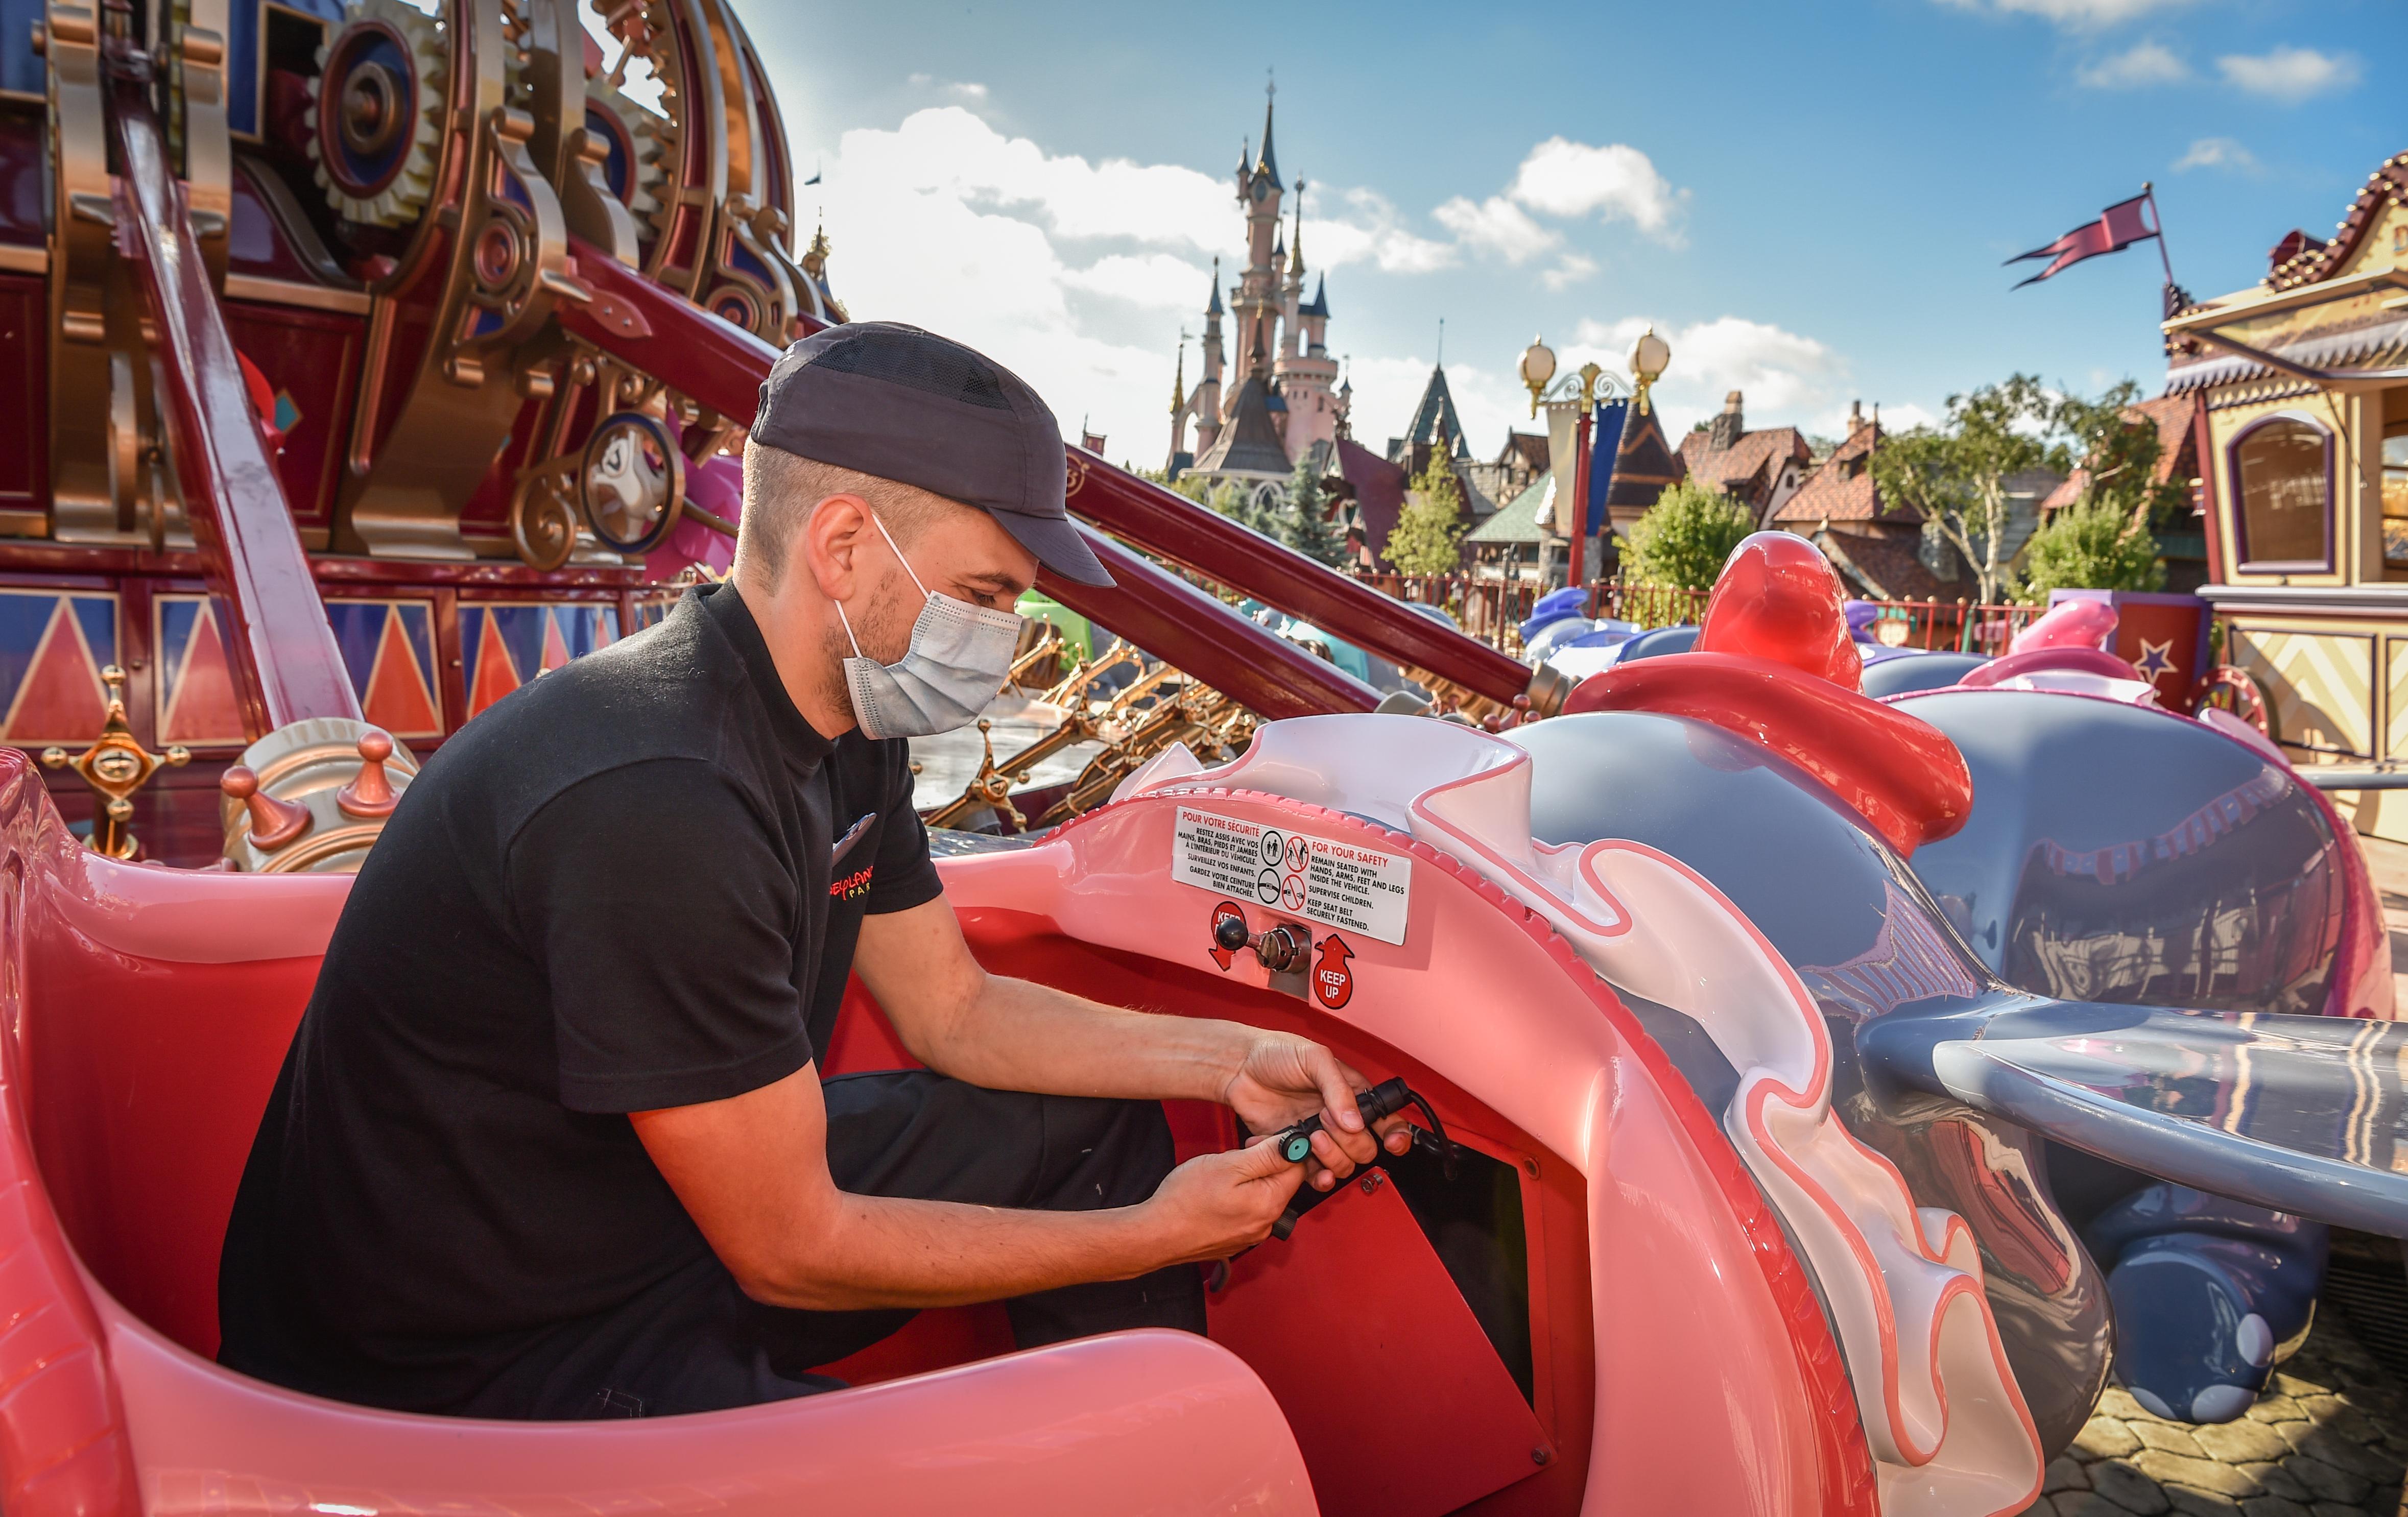 Onderhoudsmedewerkers waren gewoon aan het werk in Disneyland Paris.